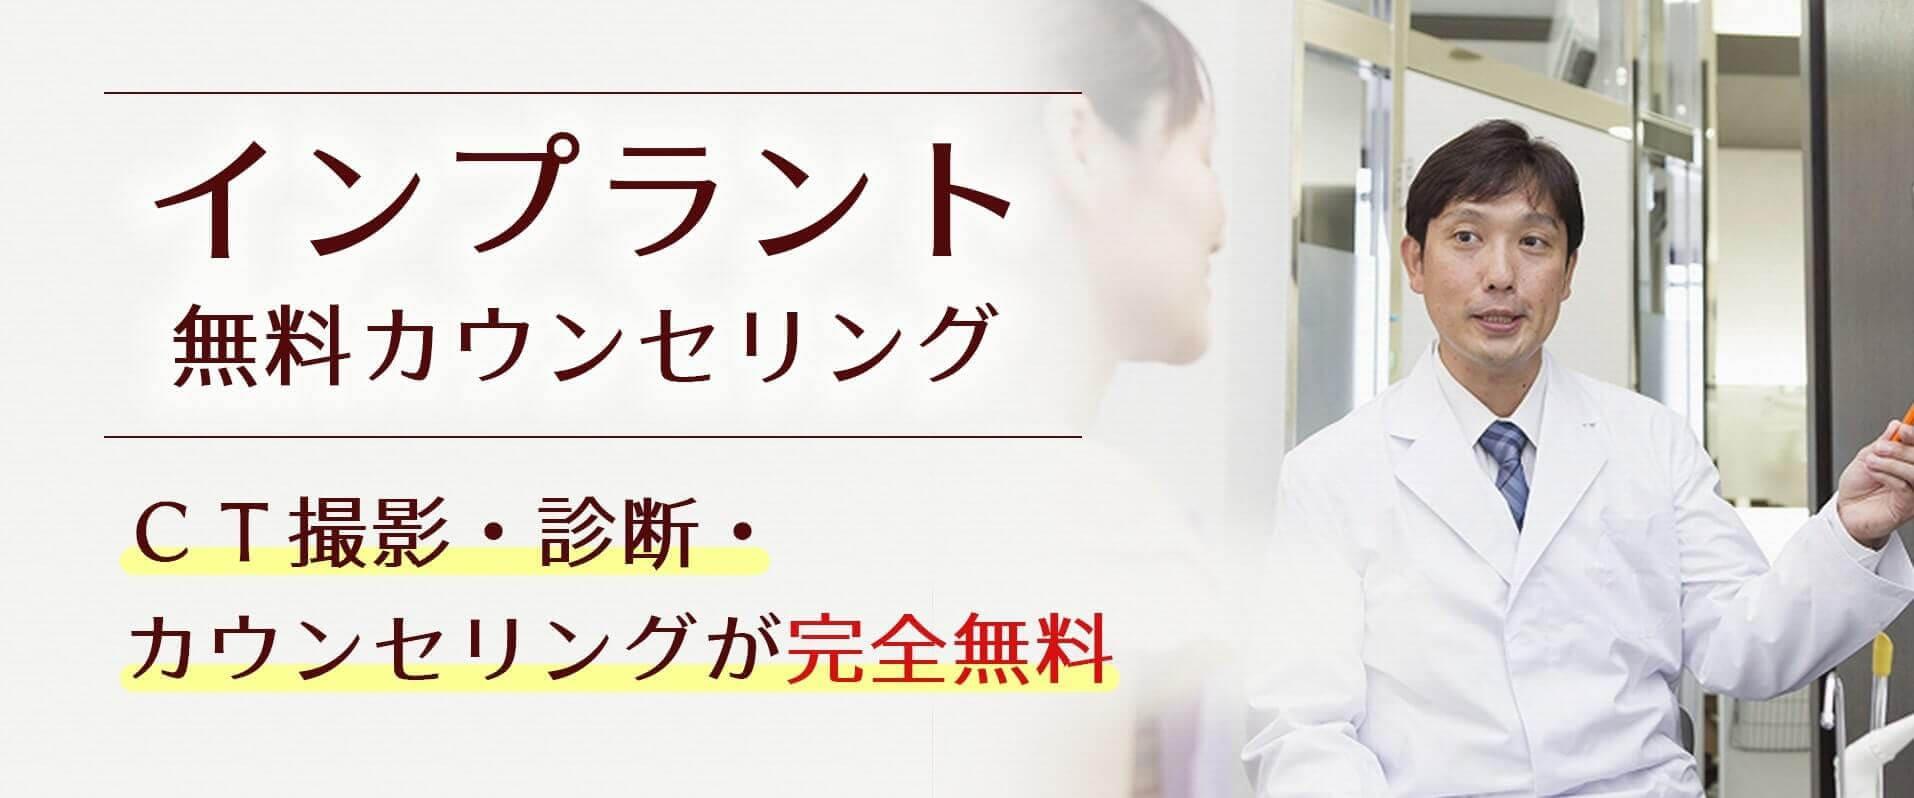 インプラント無料カウンセリング CT撮影・診断・カウンセリングが完全無料